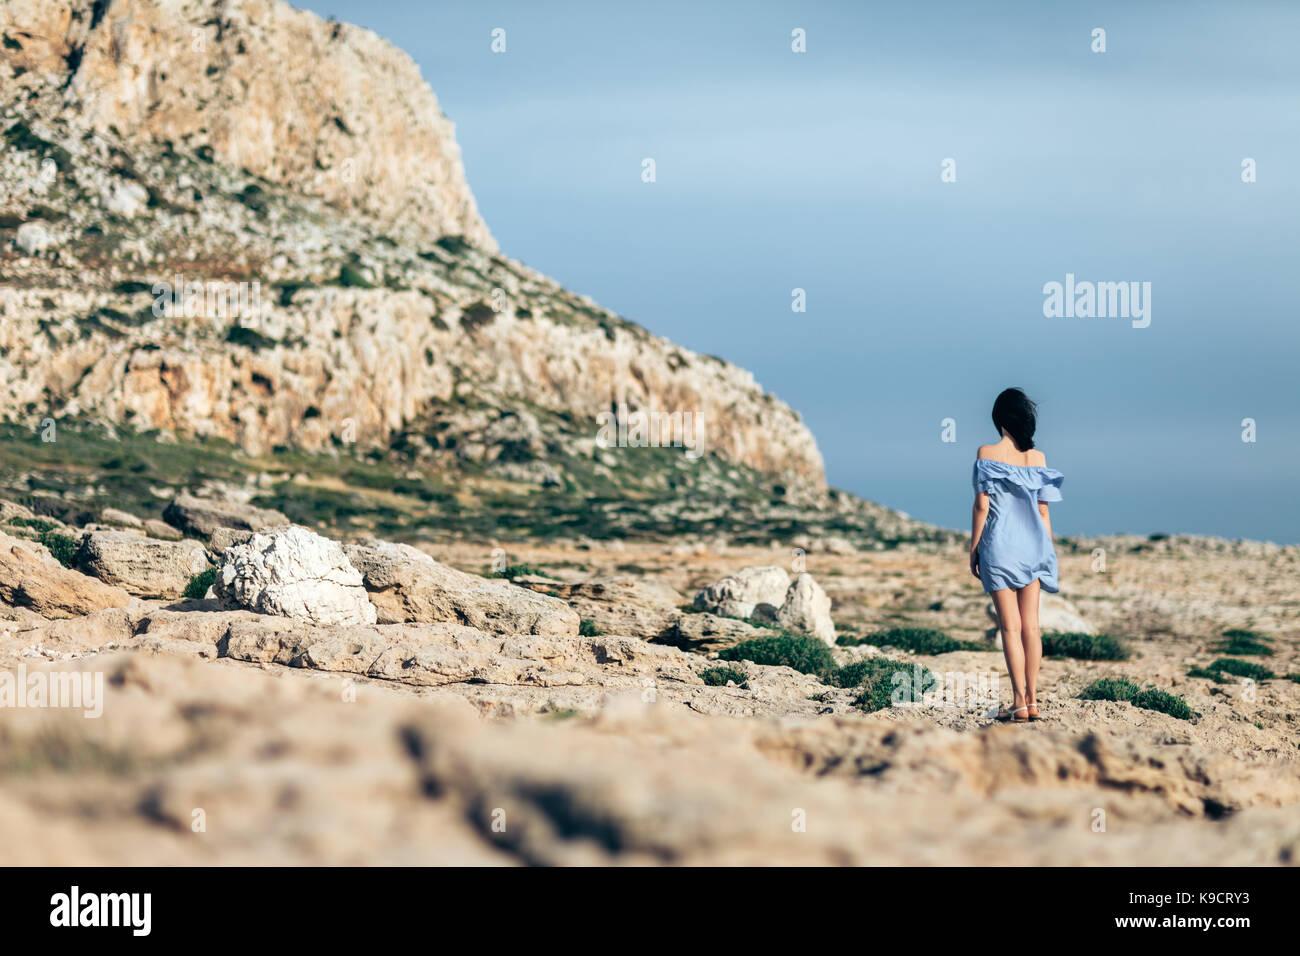 Vista posteriore della donna solitarie passeggiate sul deserto roccioso con drammatica sky Immagini Stock